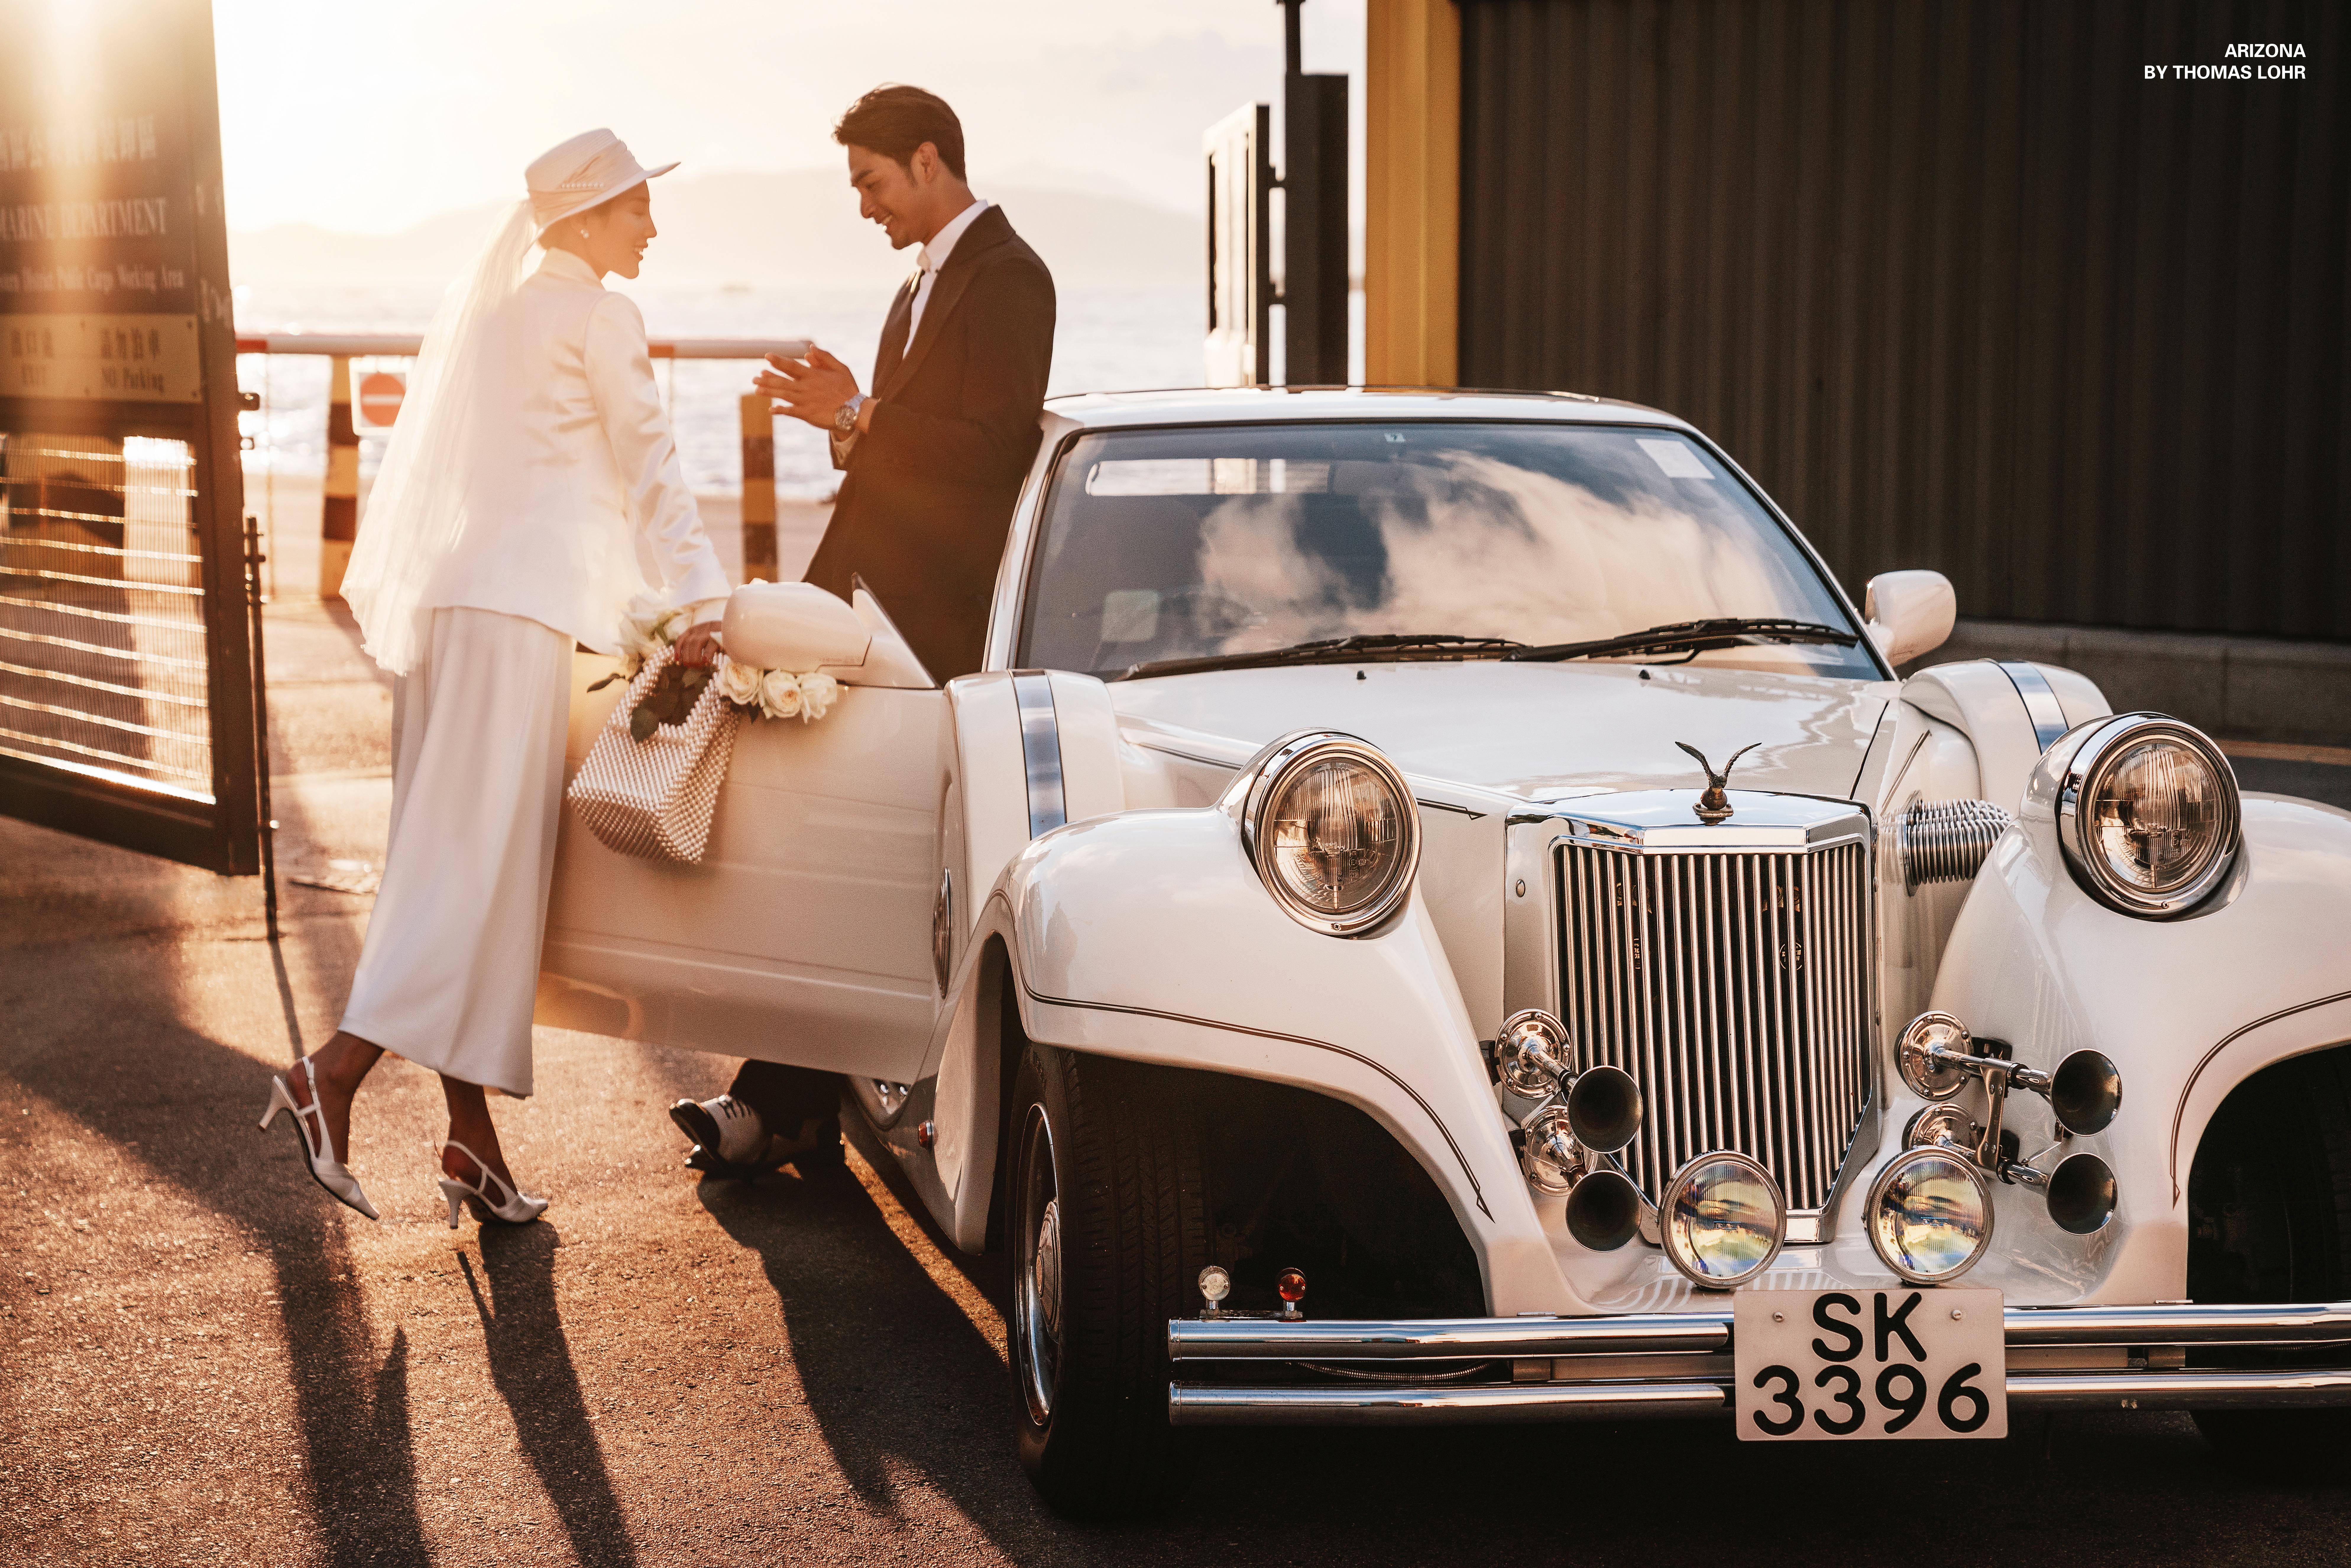 厦门婚纱摄影风格有哪些?怎么选择最合适的婚纱摄影风格?